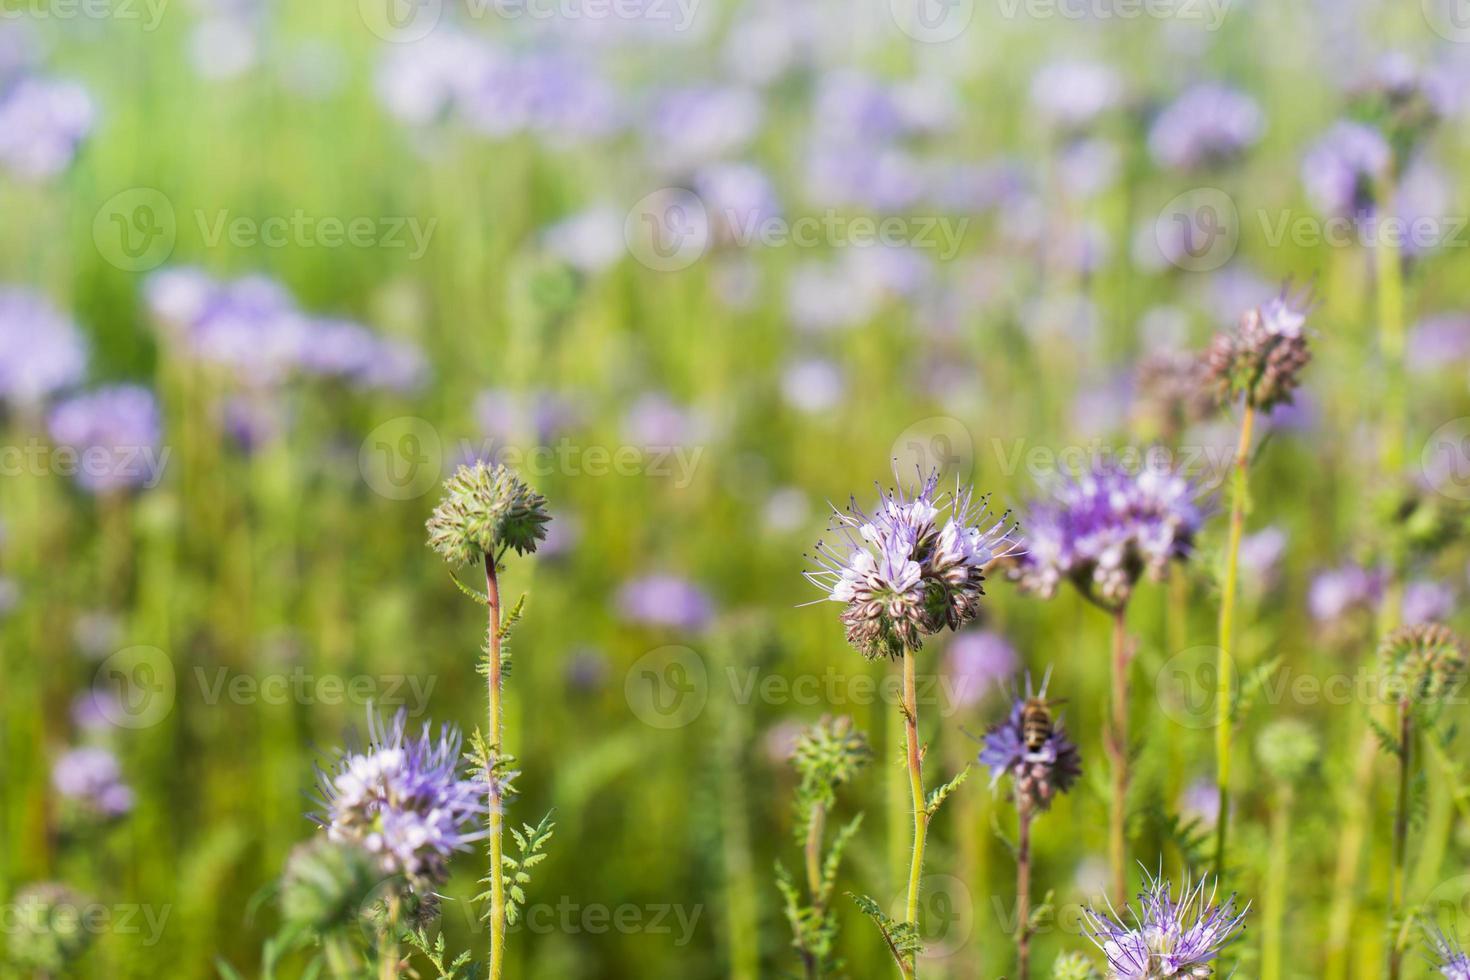 agrarisch gebied van phacelia bloemen foto